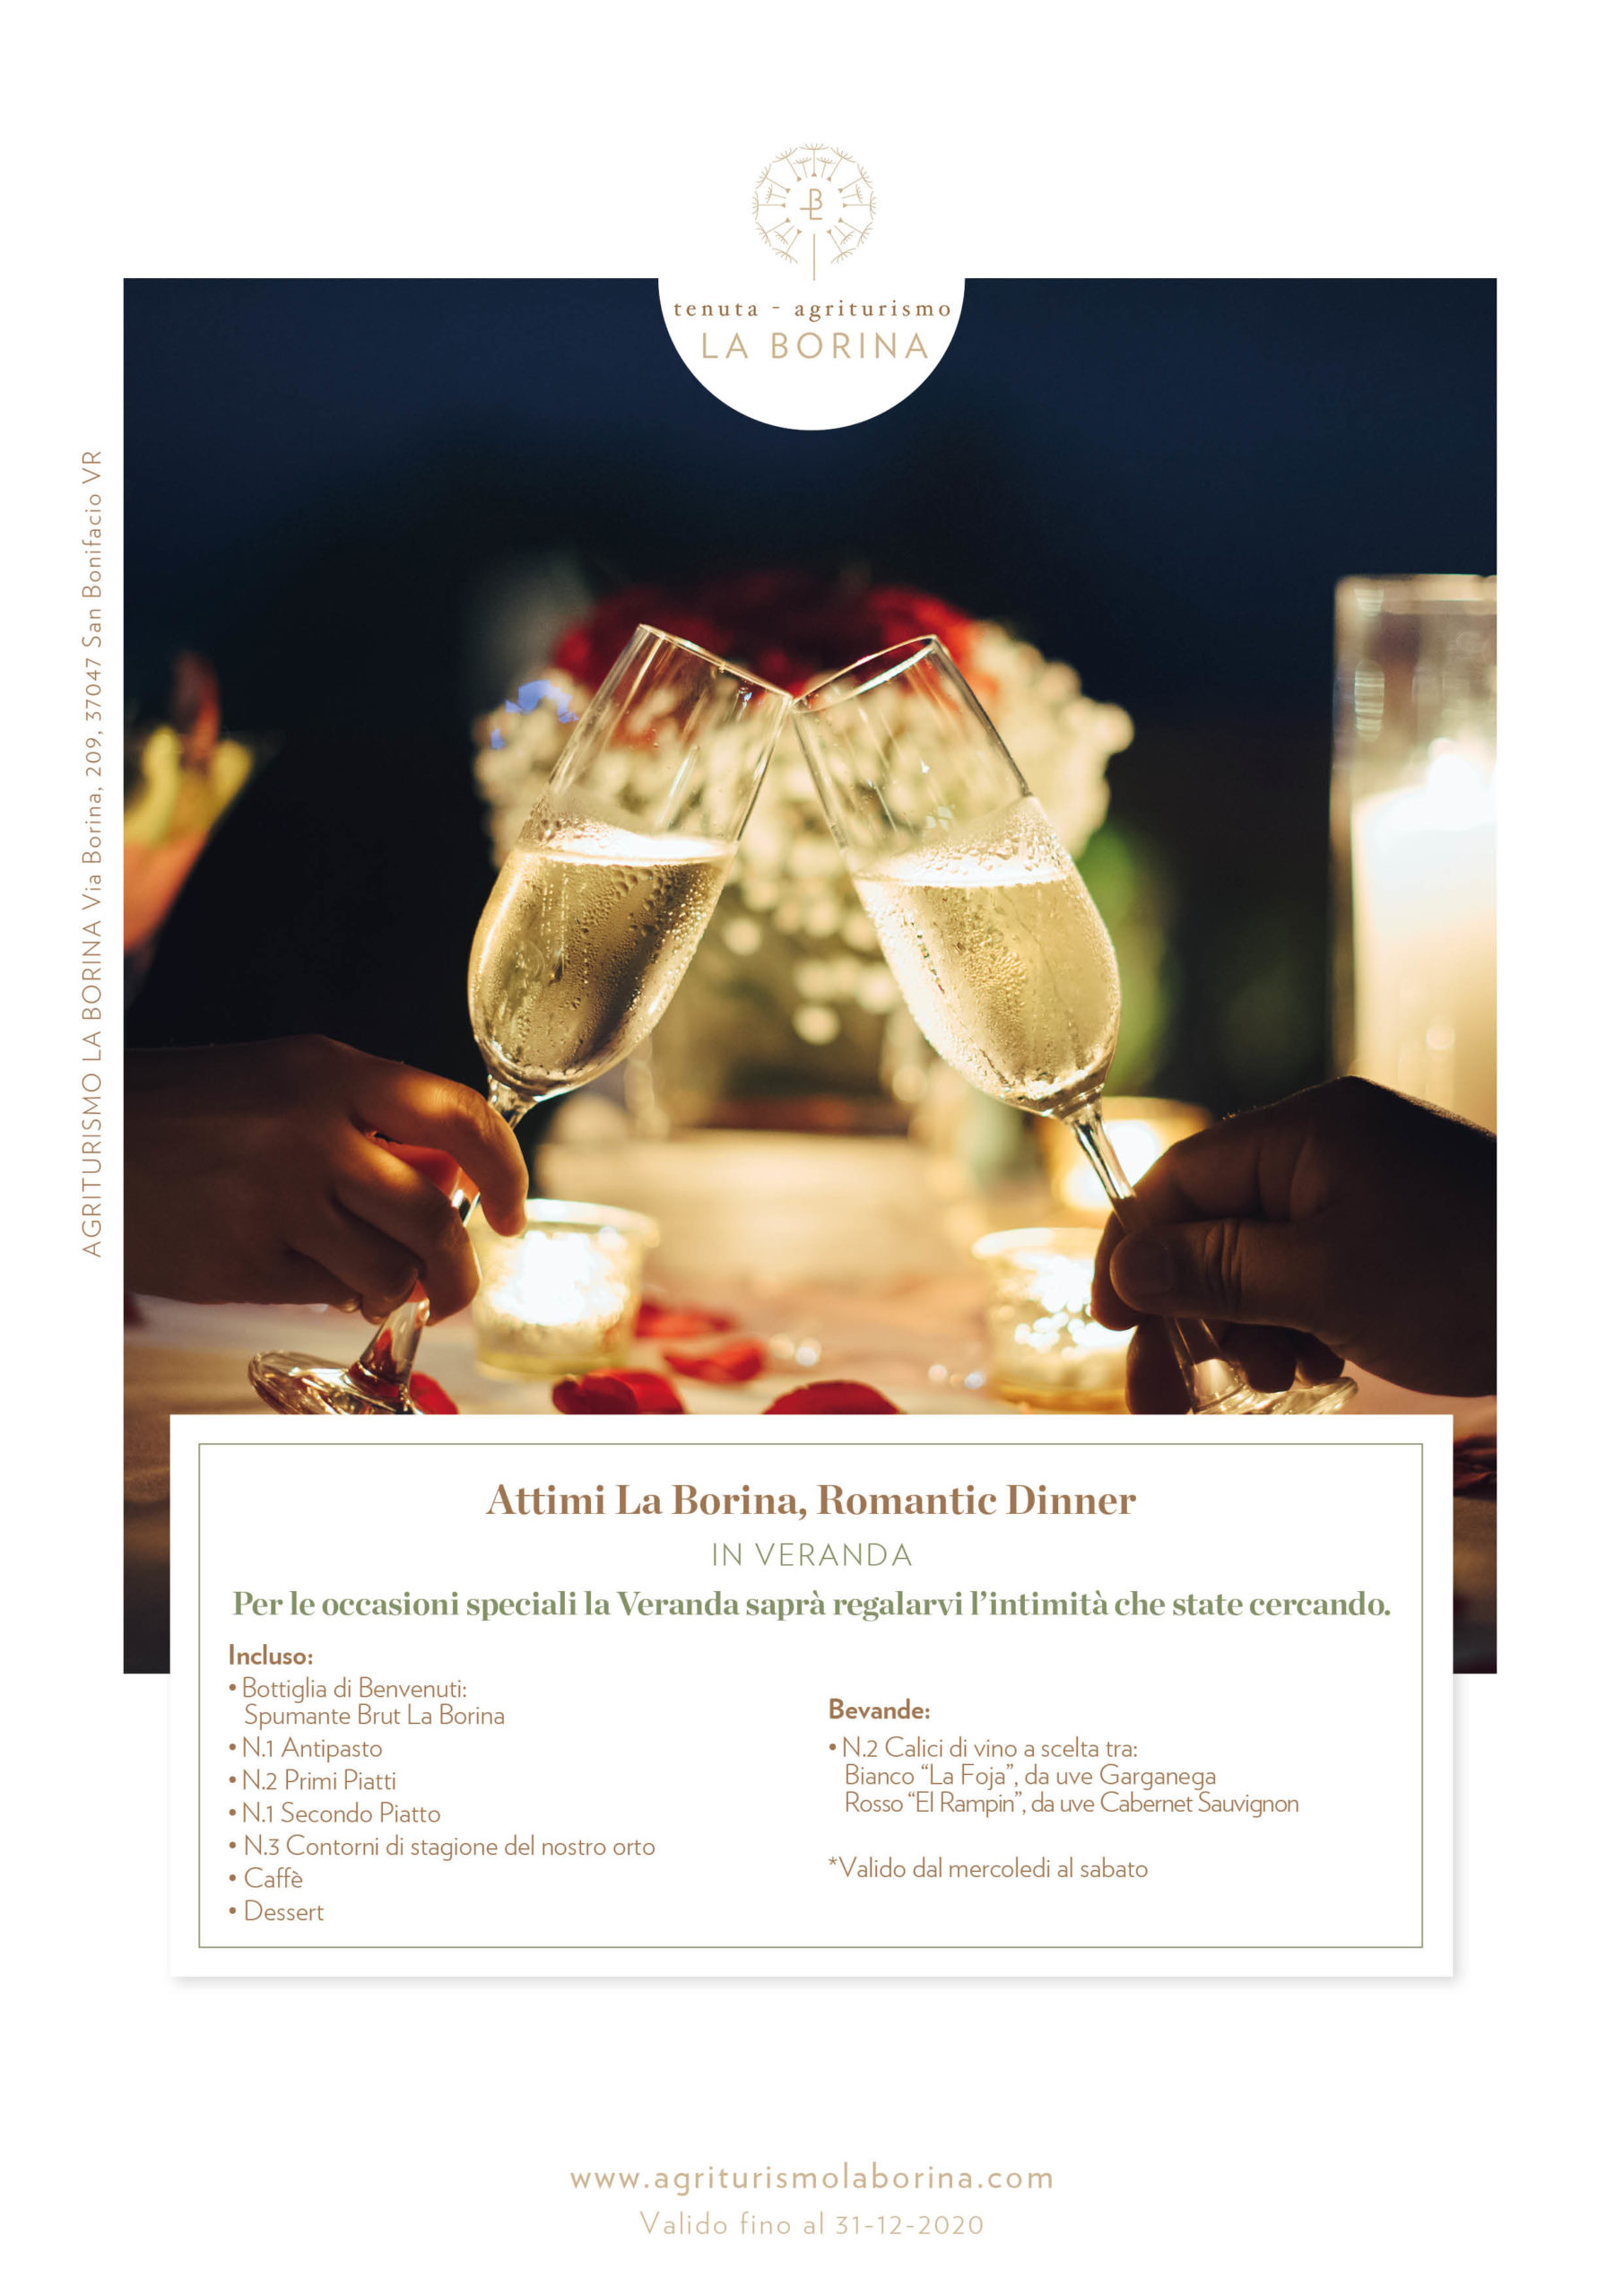 Romantic Dinner in Veranda